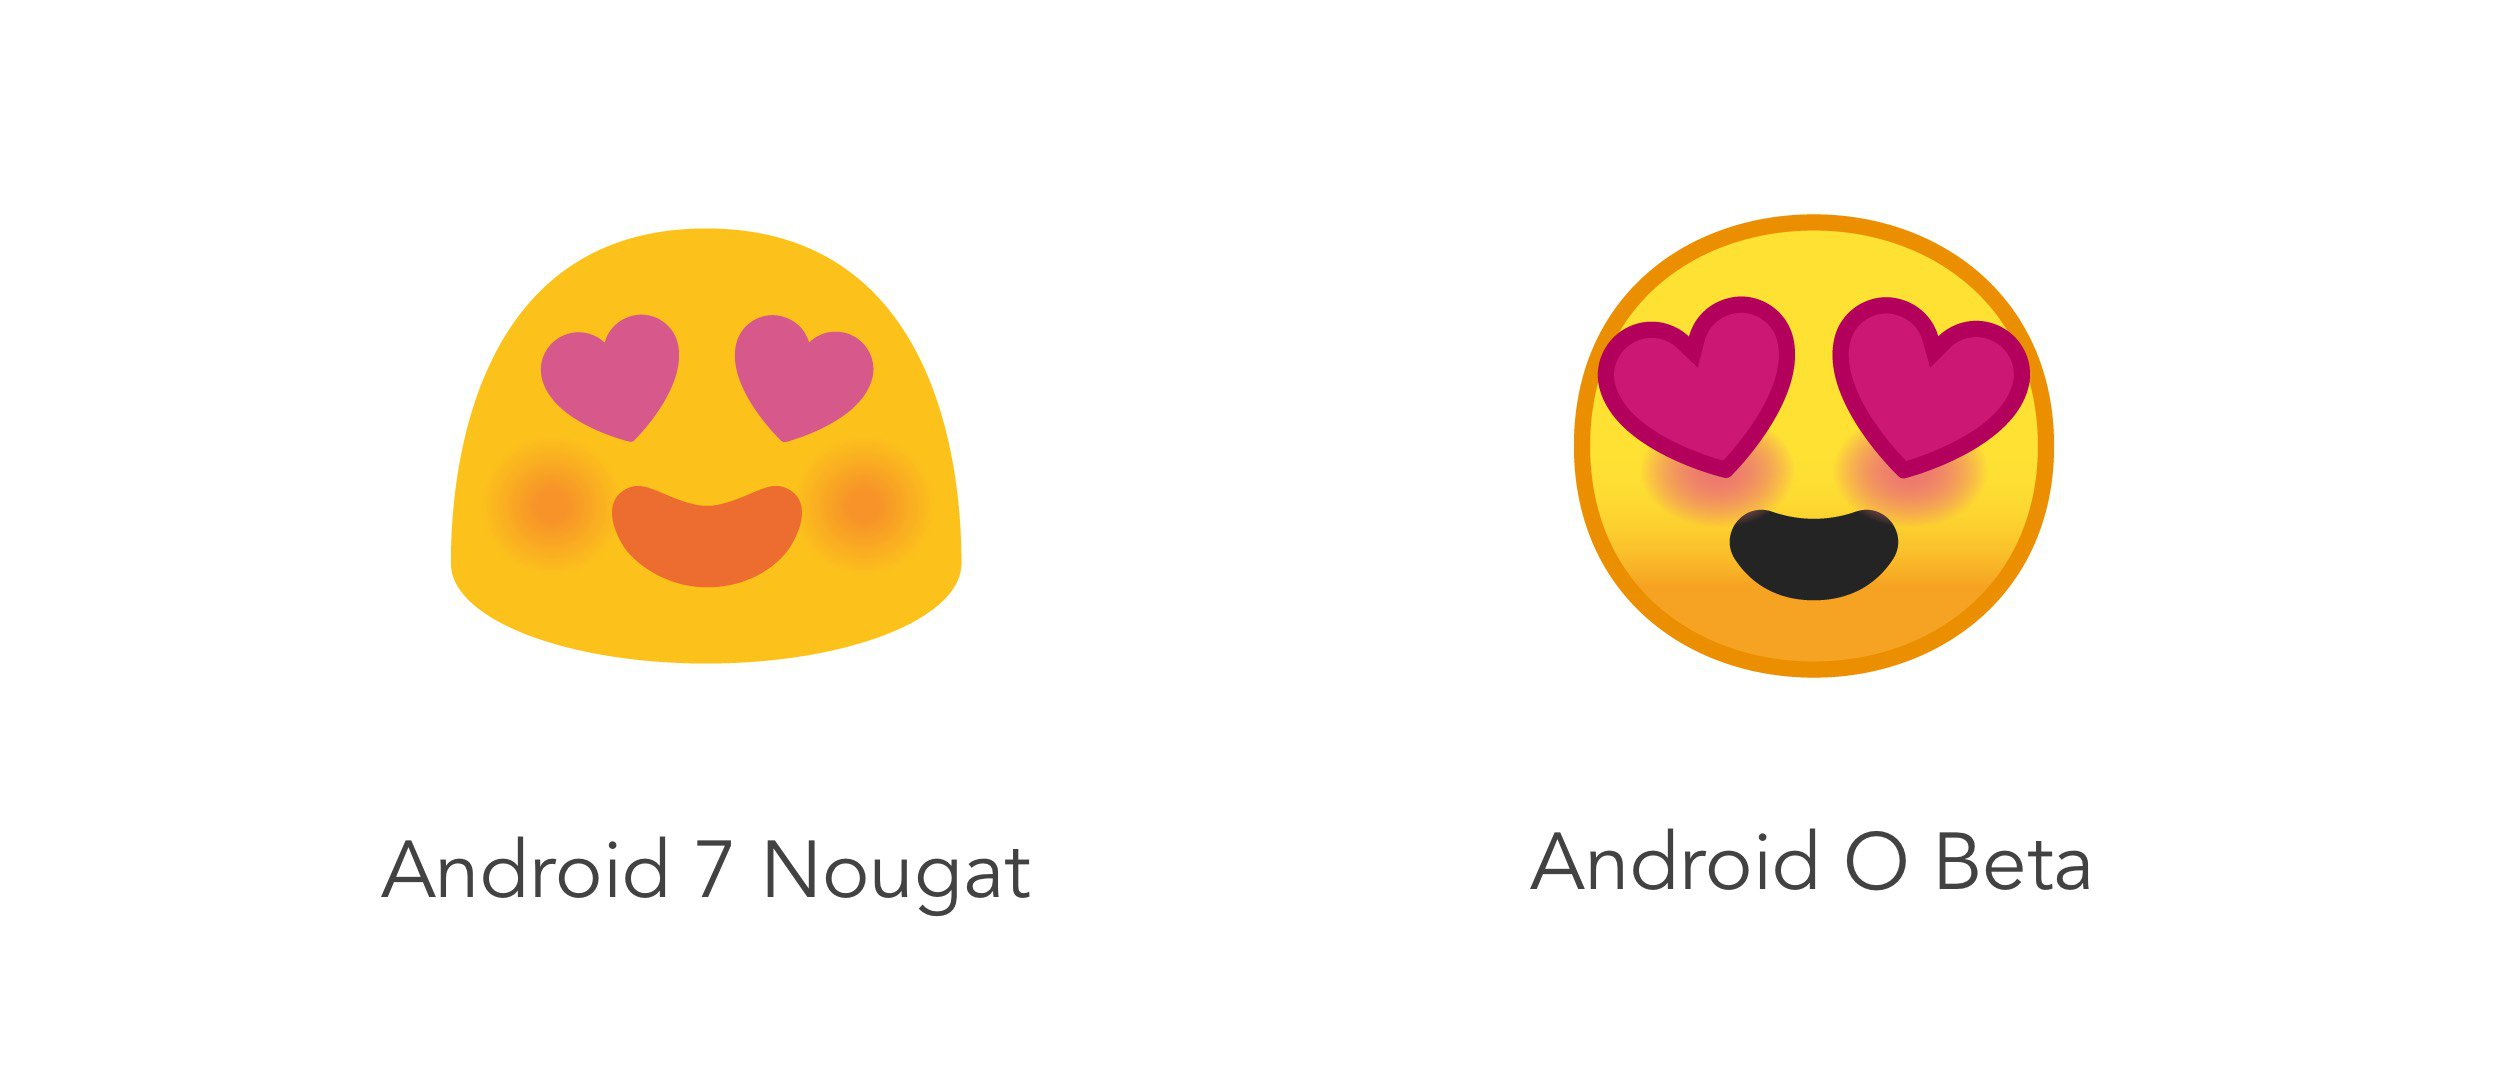 Android Comment Changer Vos Emojis Par Defaut Tech